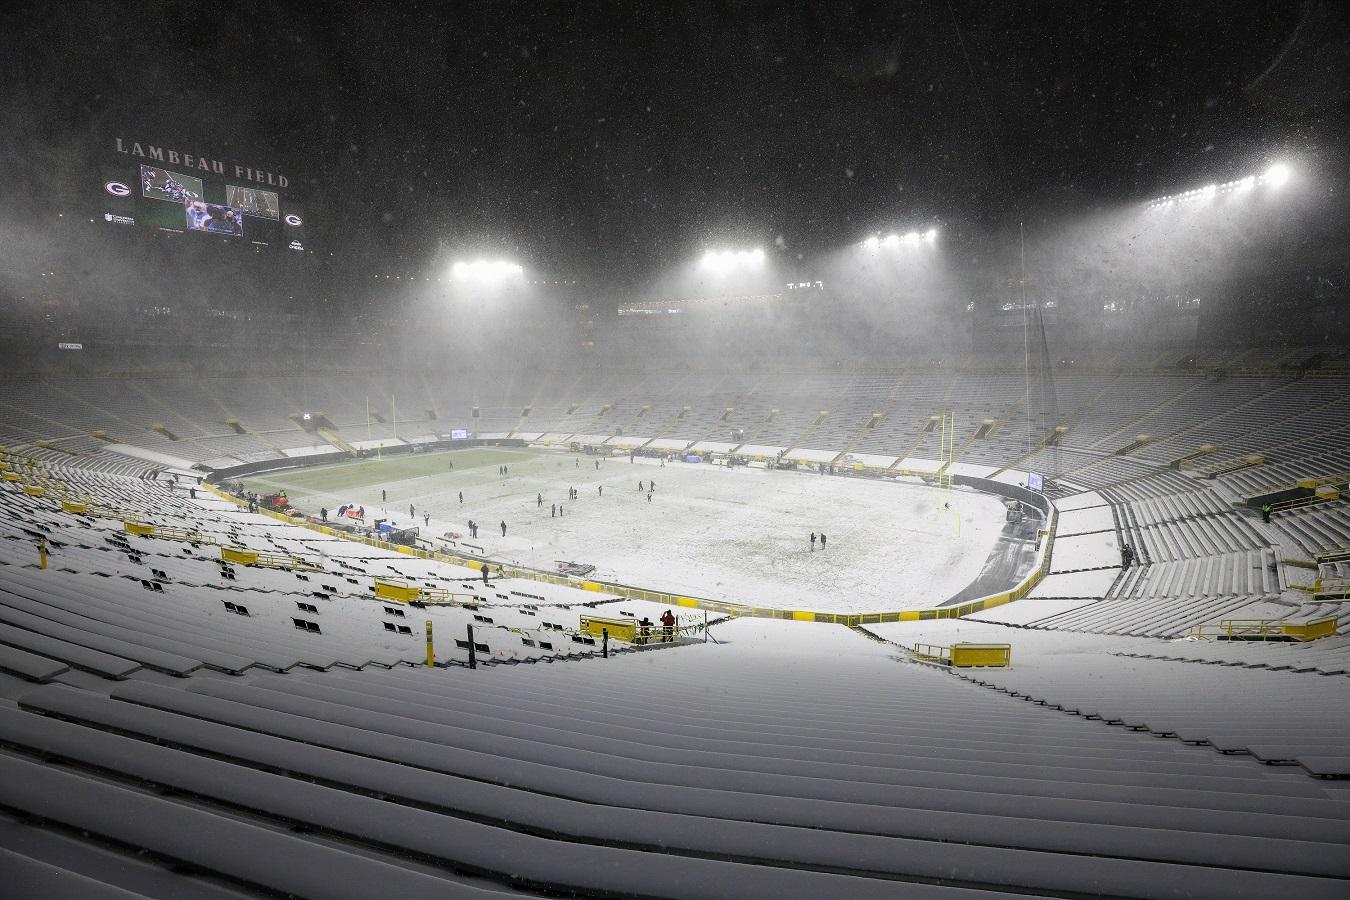 Lambeau Field in the snow